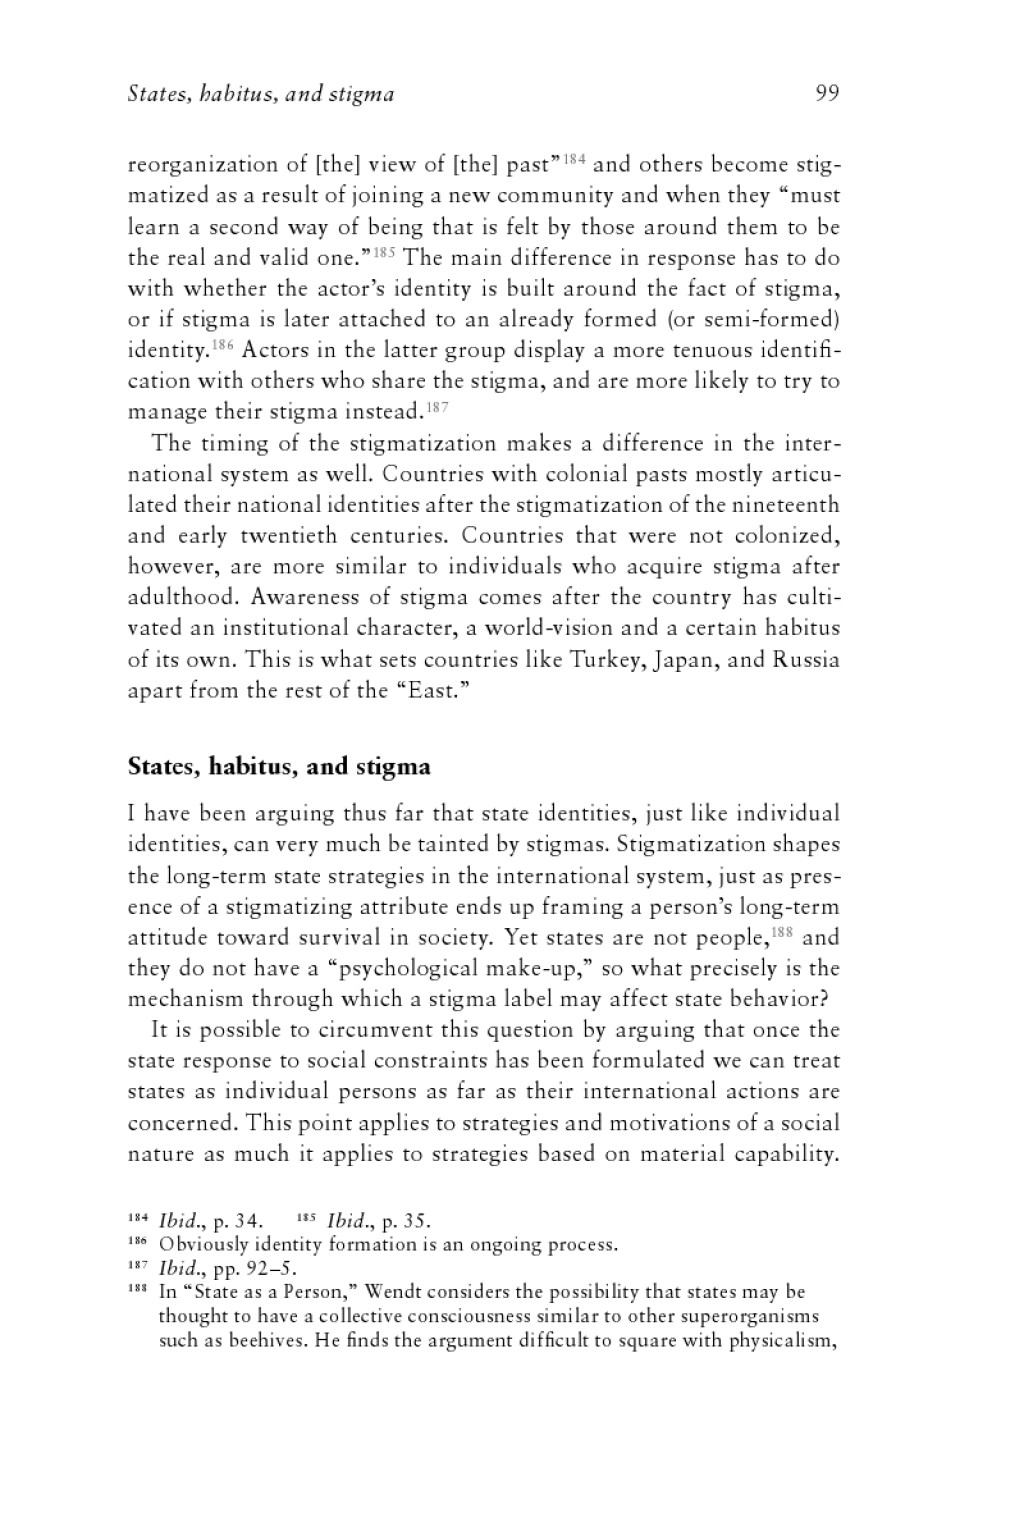 008 Zarakol Essay Example Njhs Wondrous Samples Large